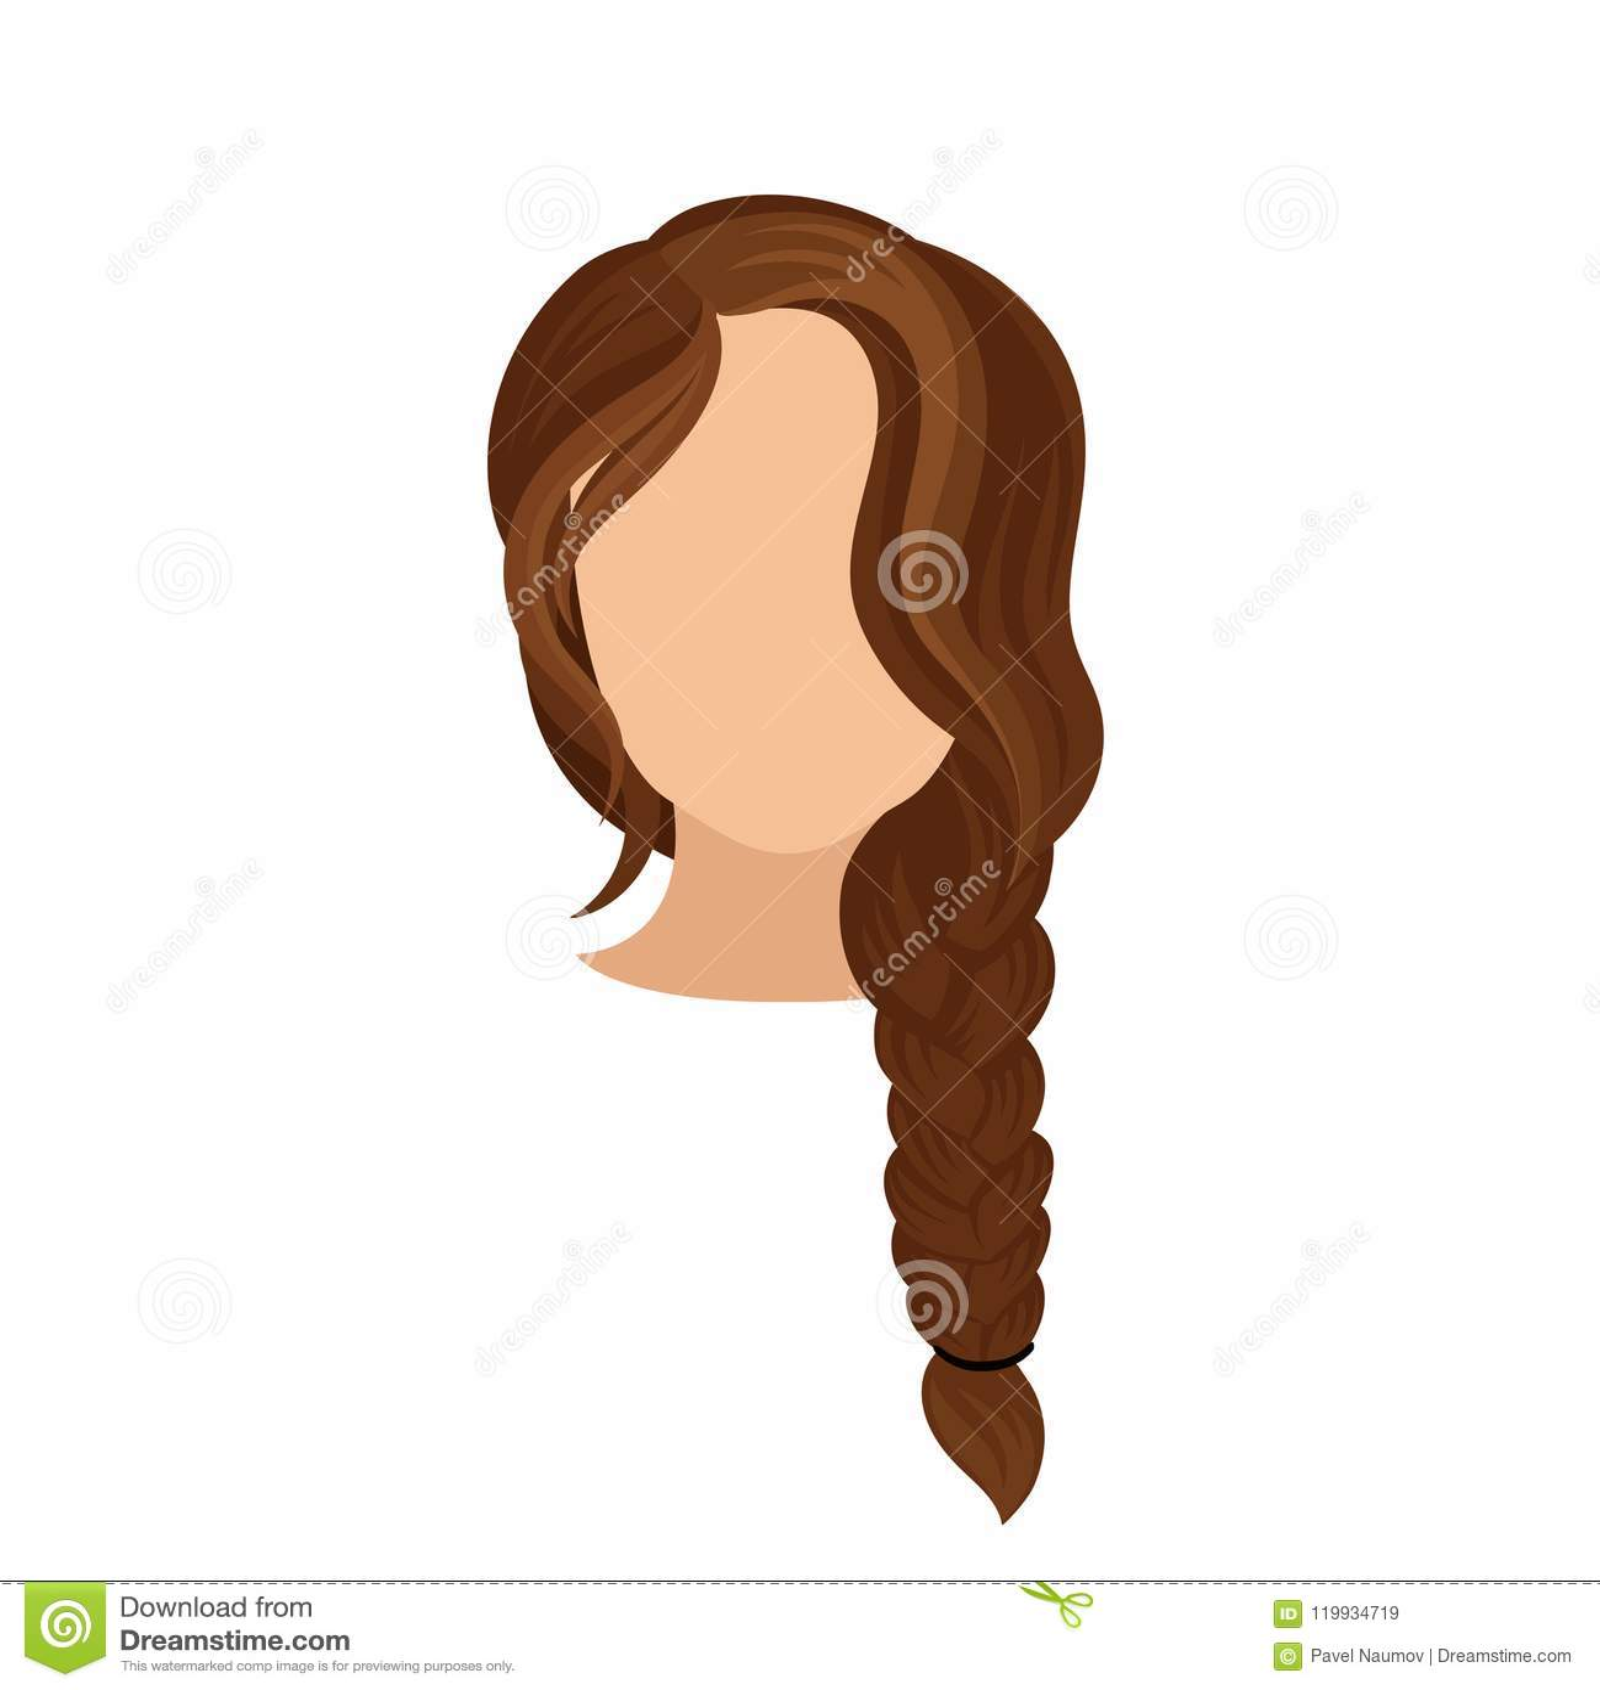 Kobiety S Głowa Z Długim Francuskim Warkoczem Ciemnego Brązu